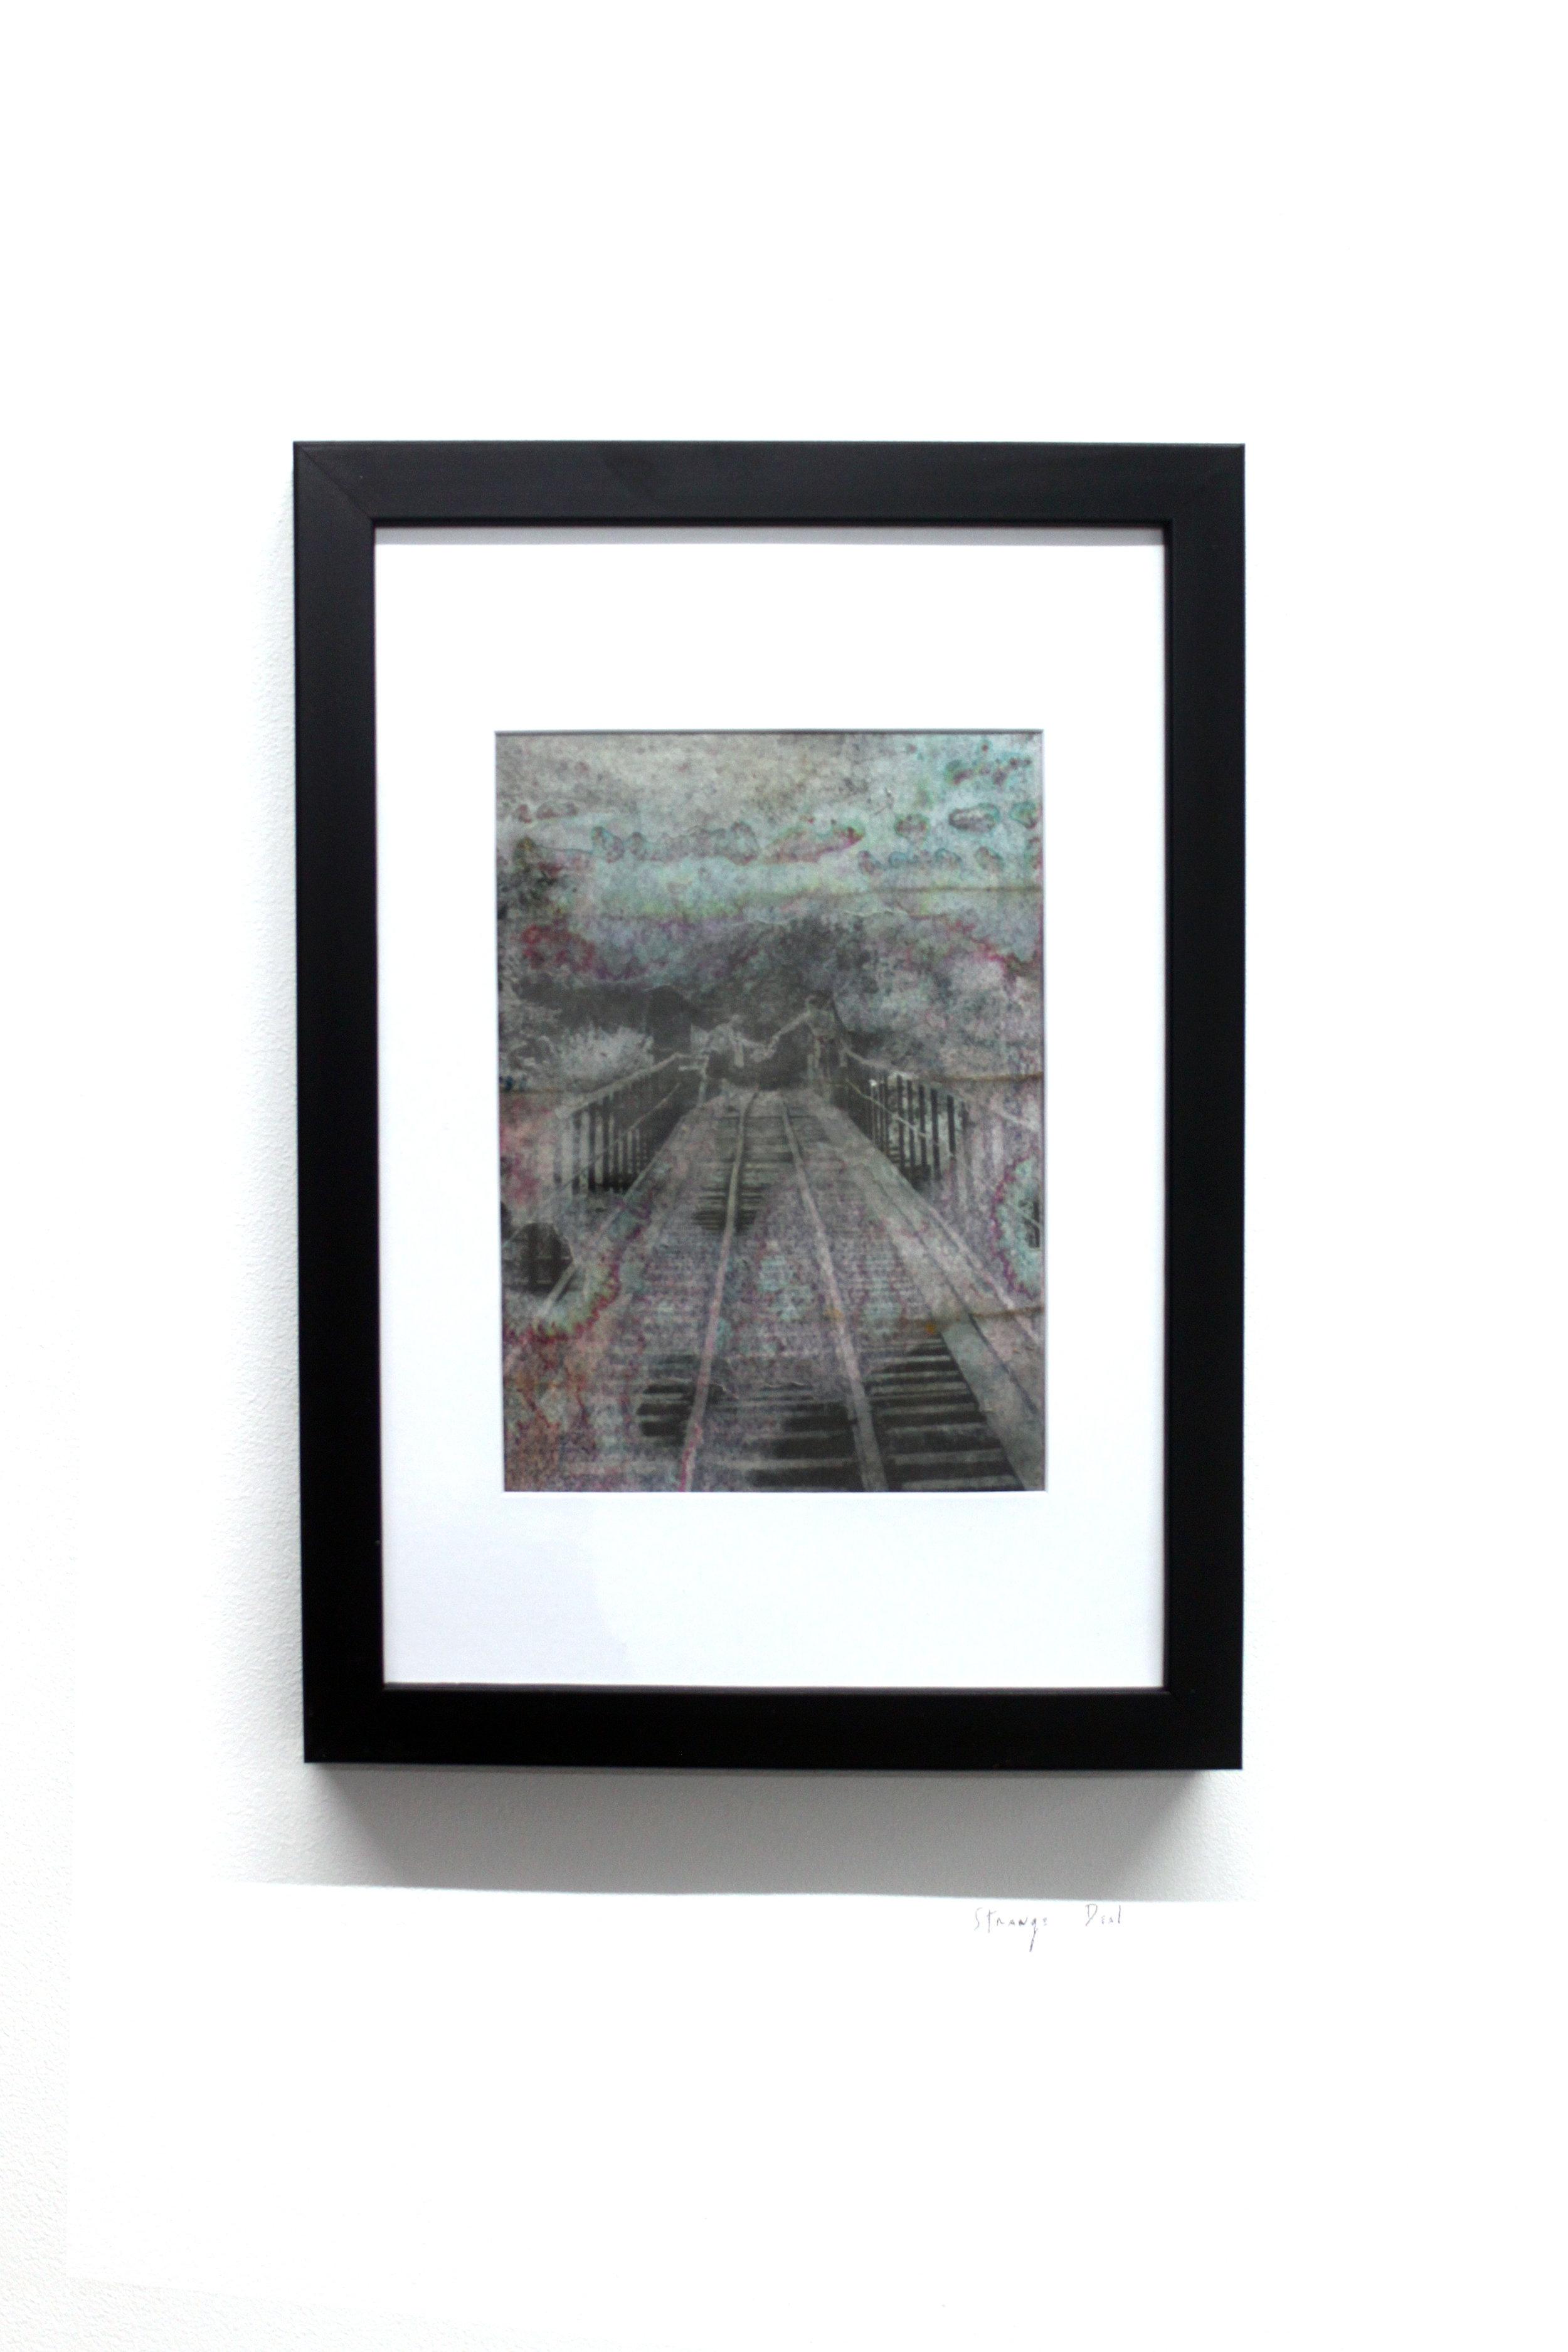 Edouard Burgeat, Train rails acid fragments, Strange deal, photographie argentine transférée sur acier, 21x15cm